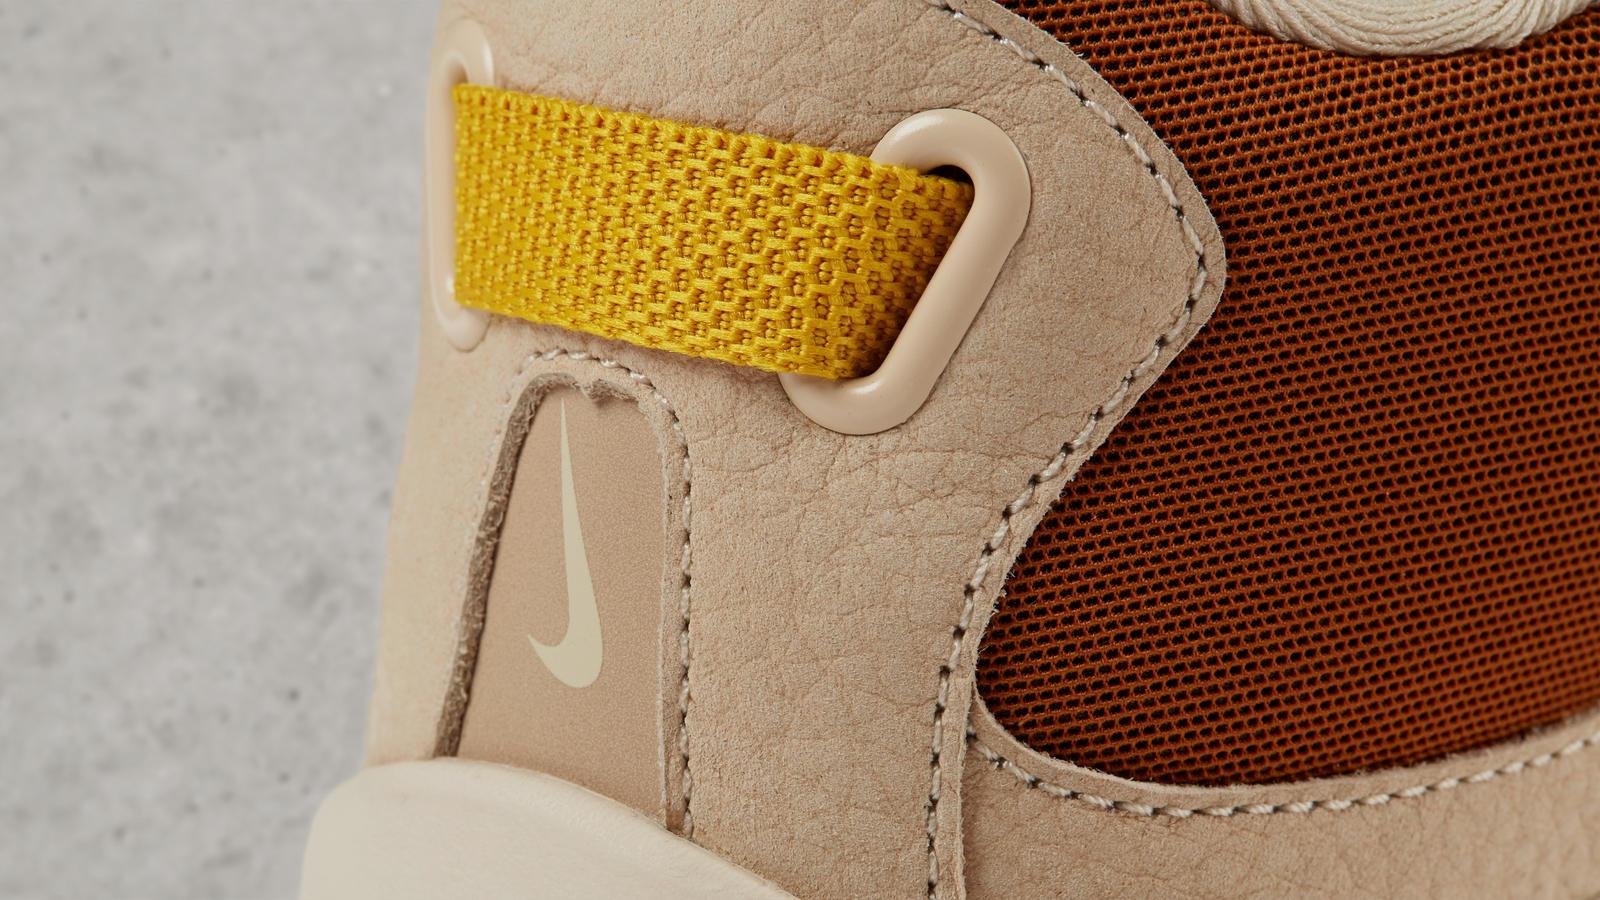 170512 footwear pocketknife min gold 0043 hd 1600